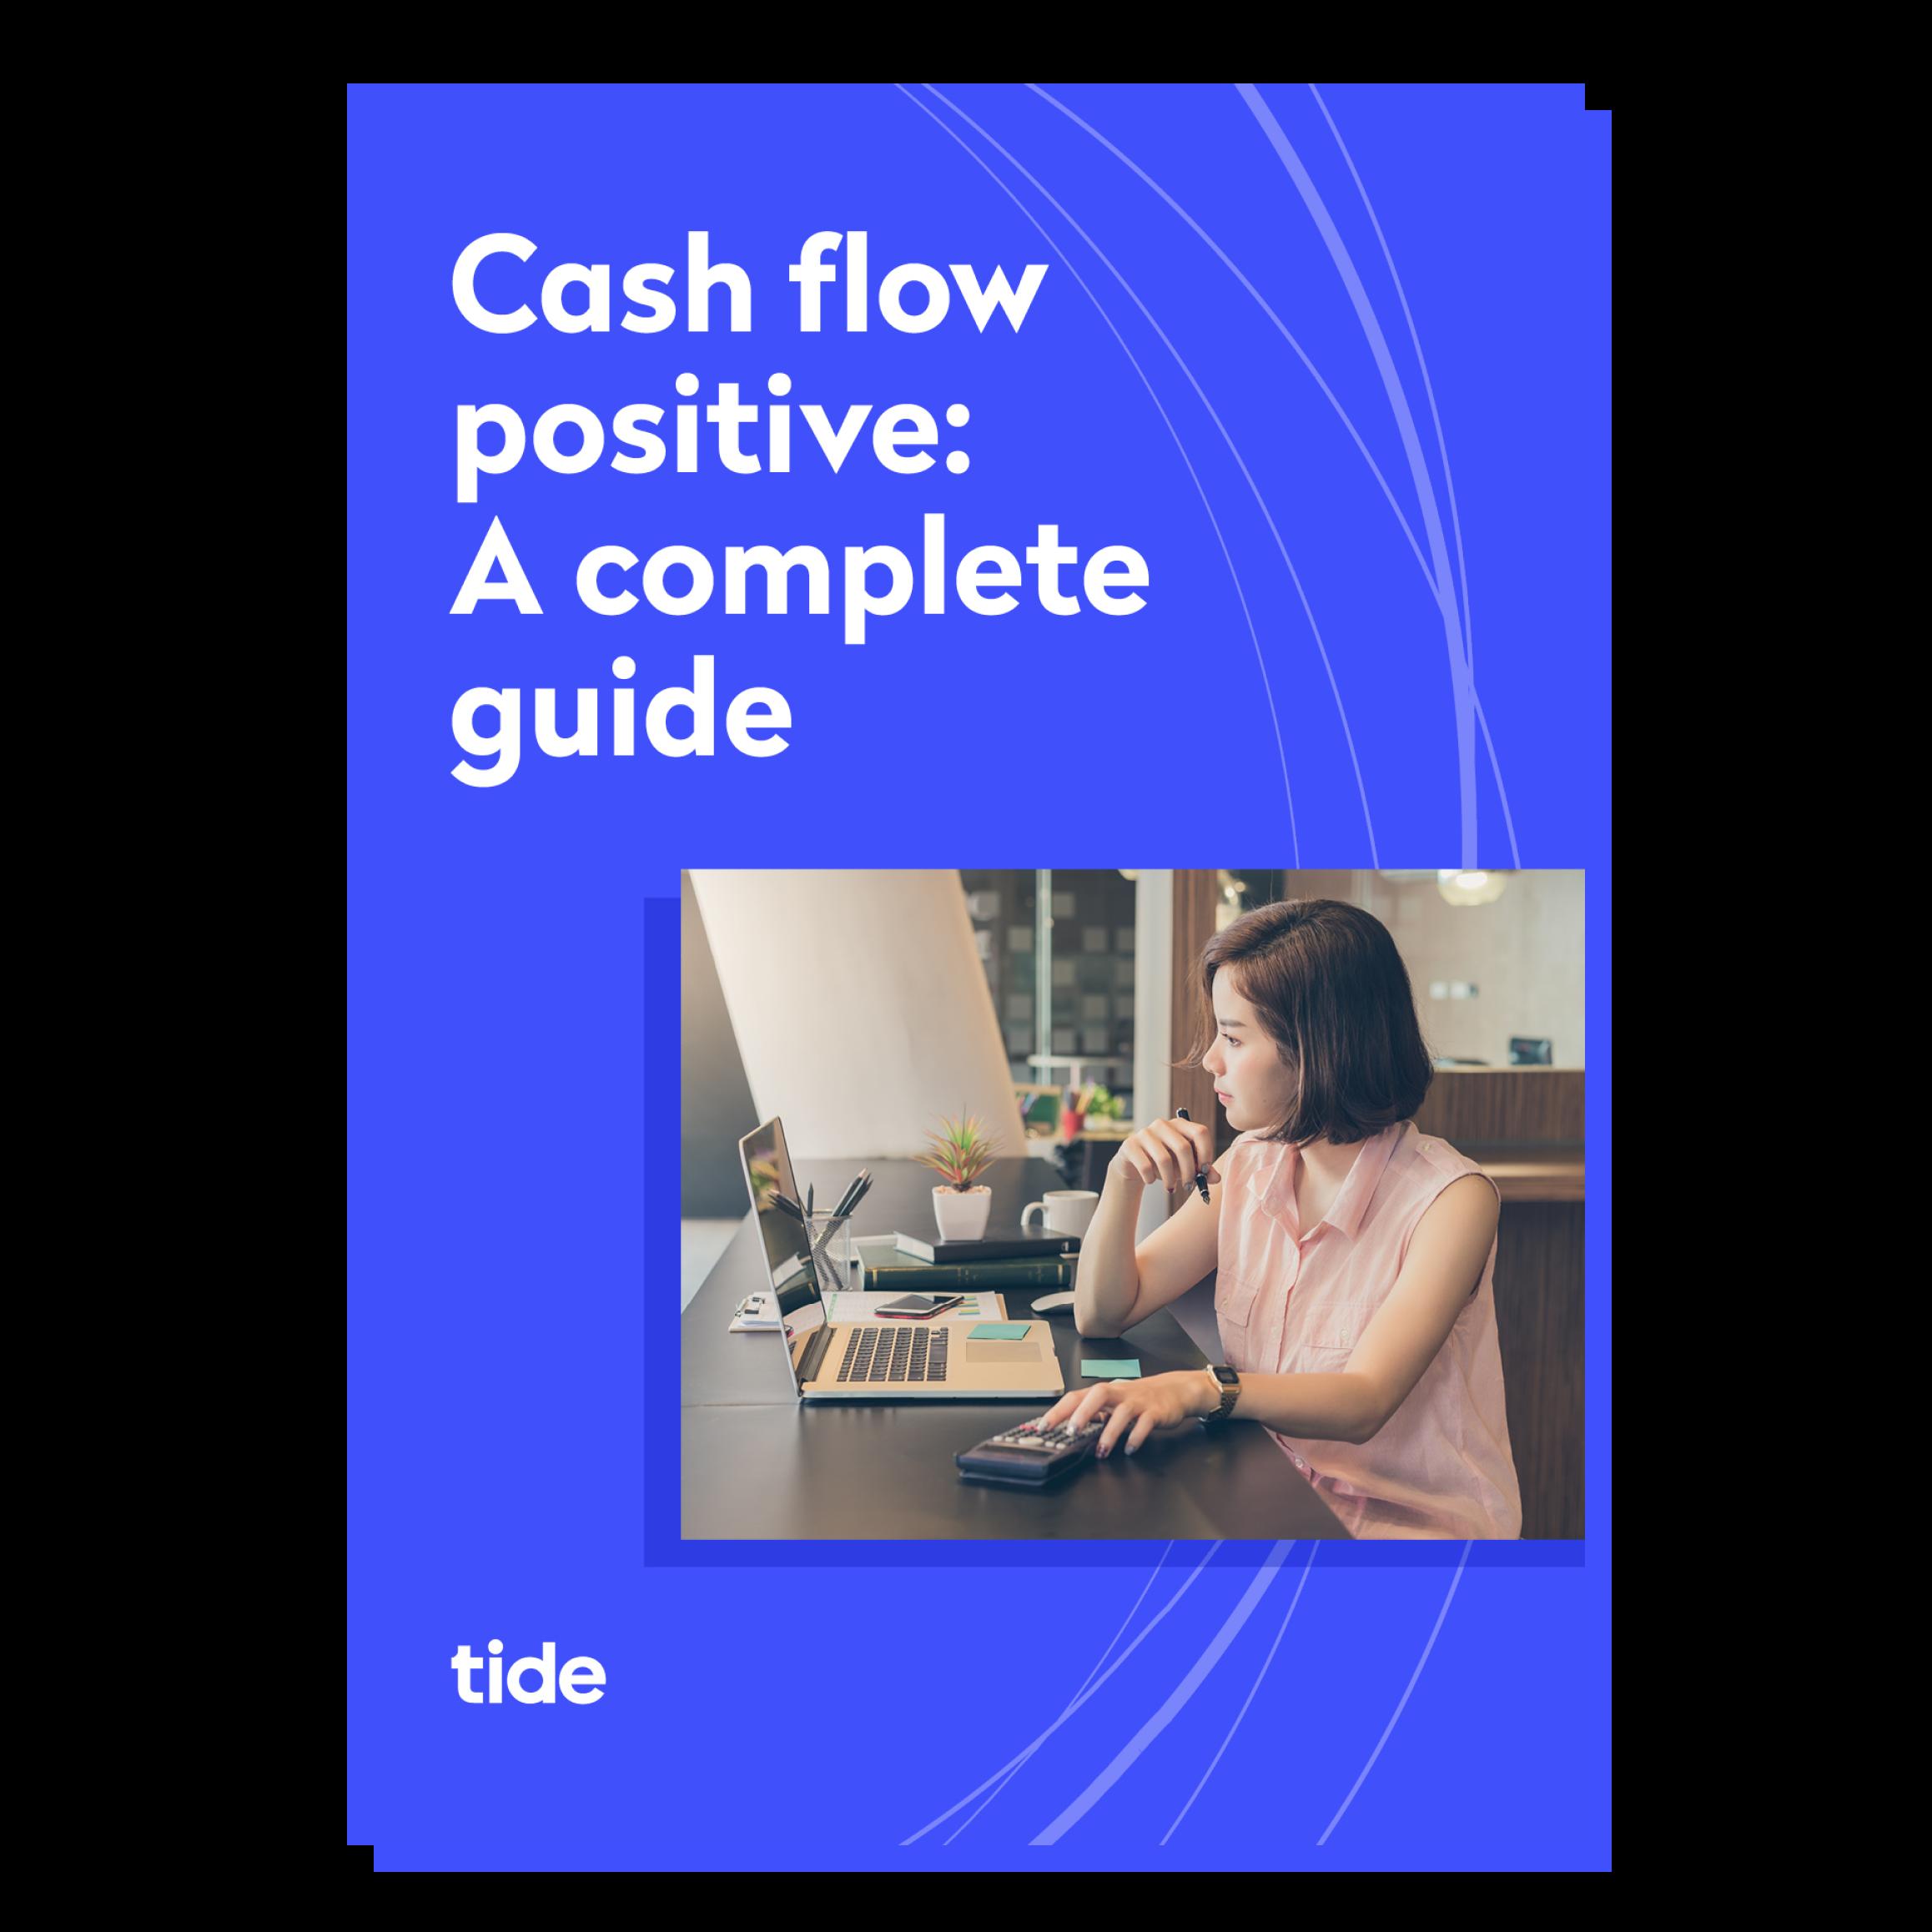 Cashflow guide